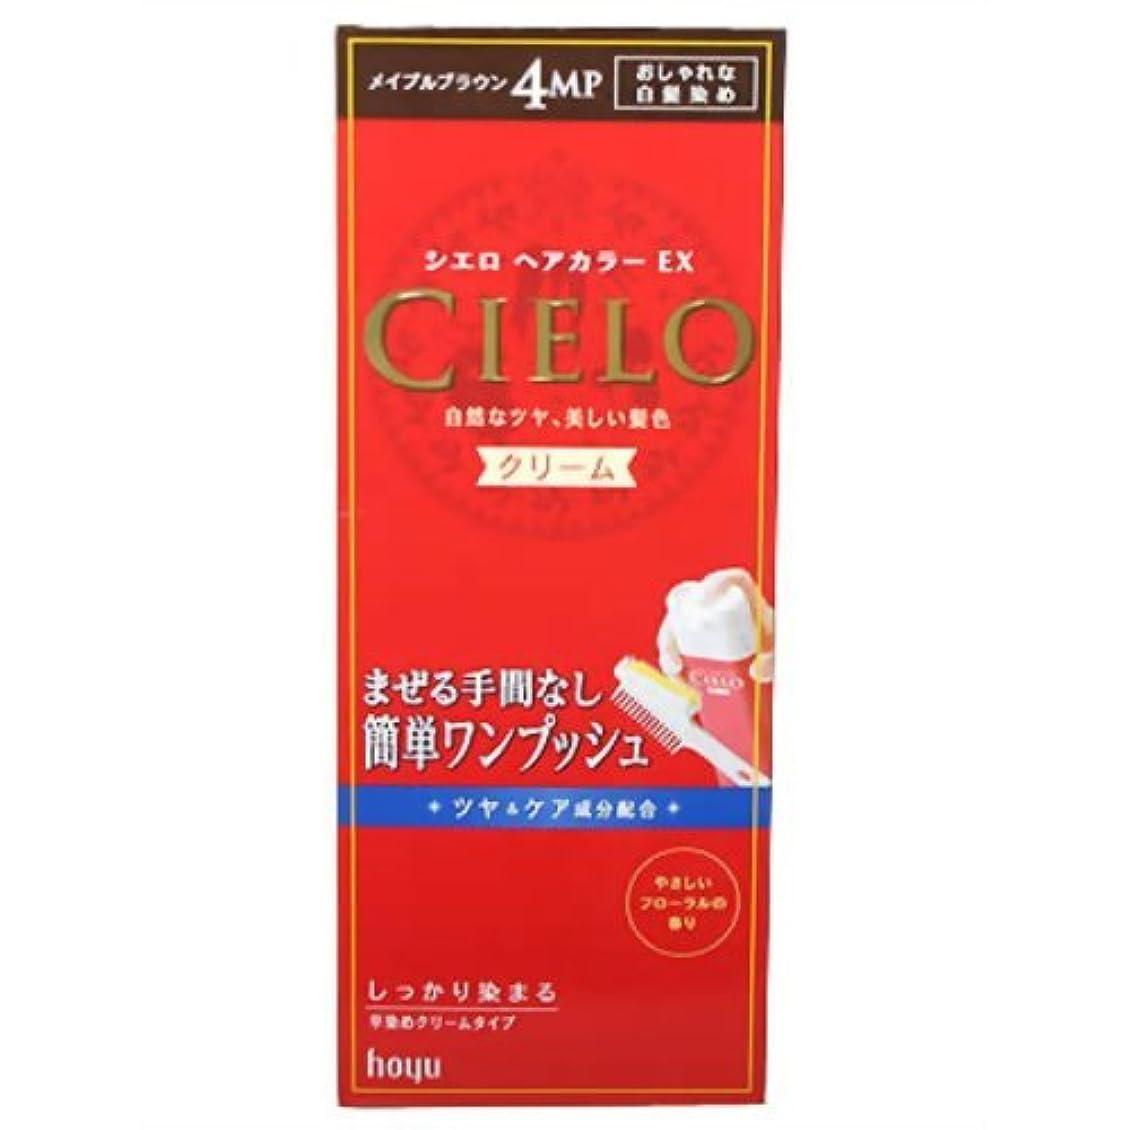 ソーセージチャペル改善するシエロ ヘアカラ-EX クリ-ム 4MP メイプルブラウン